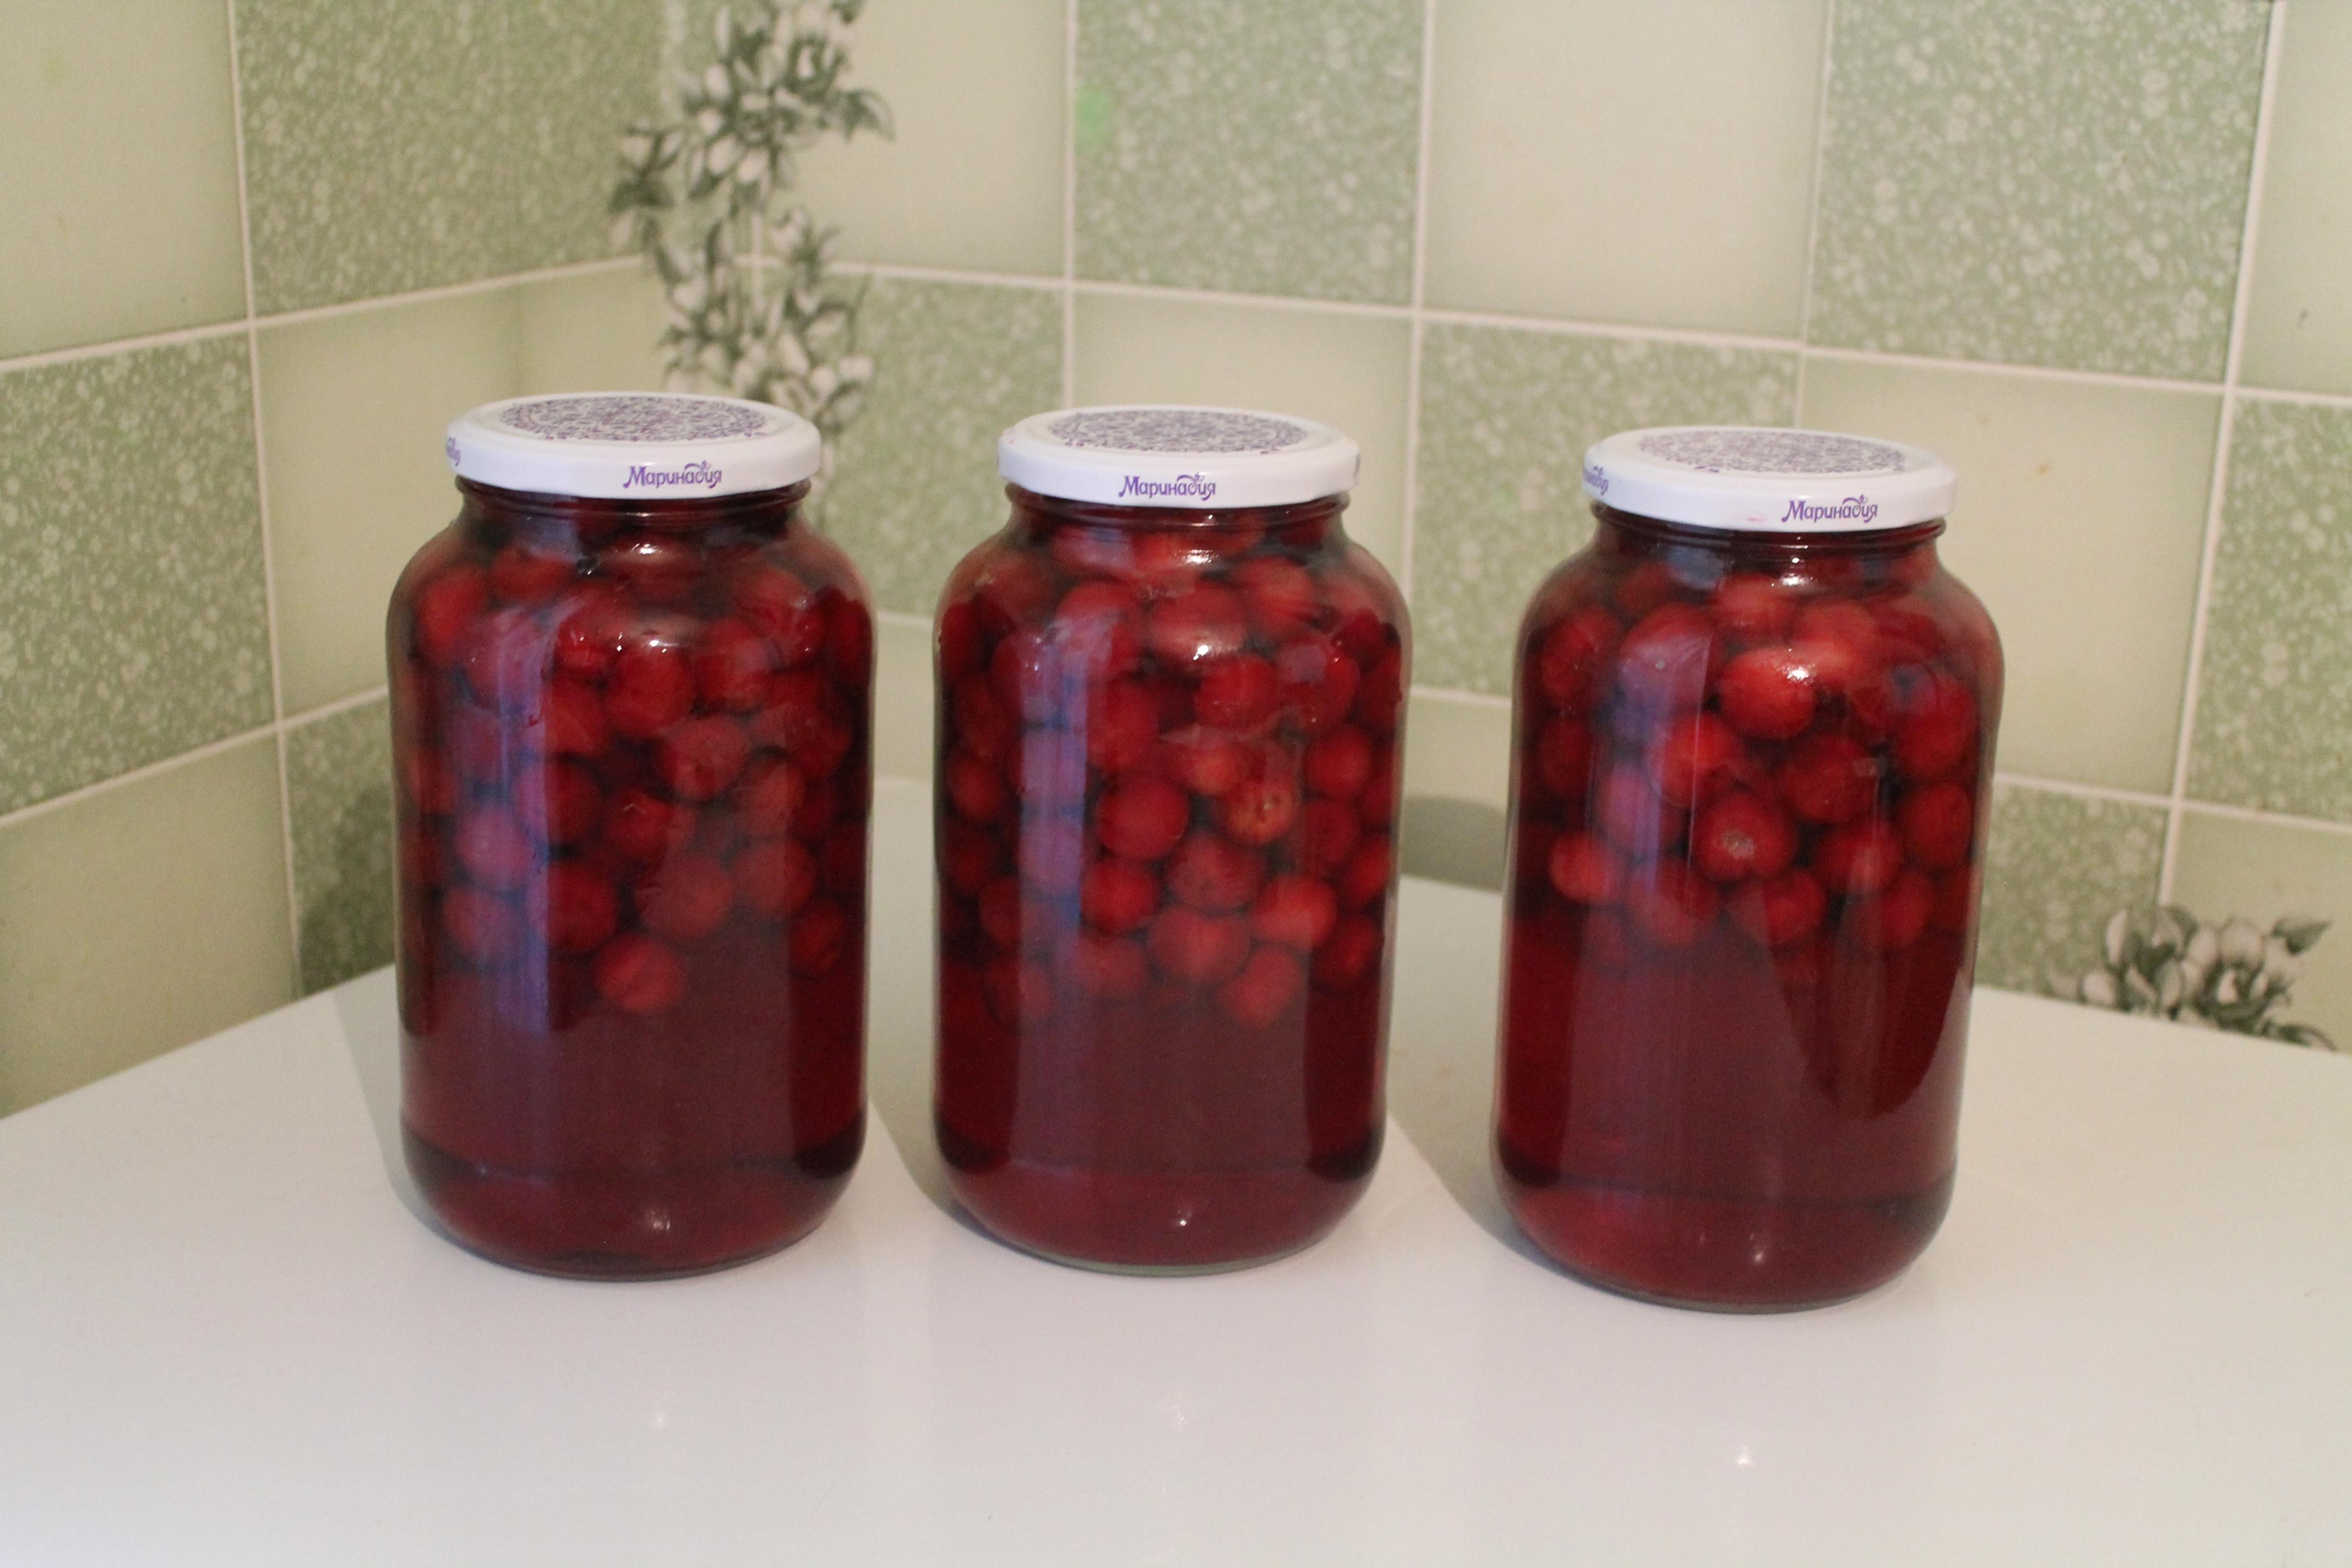 Компот из замороженной вишни - 5 простых рецептов вишневого компота